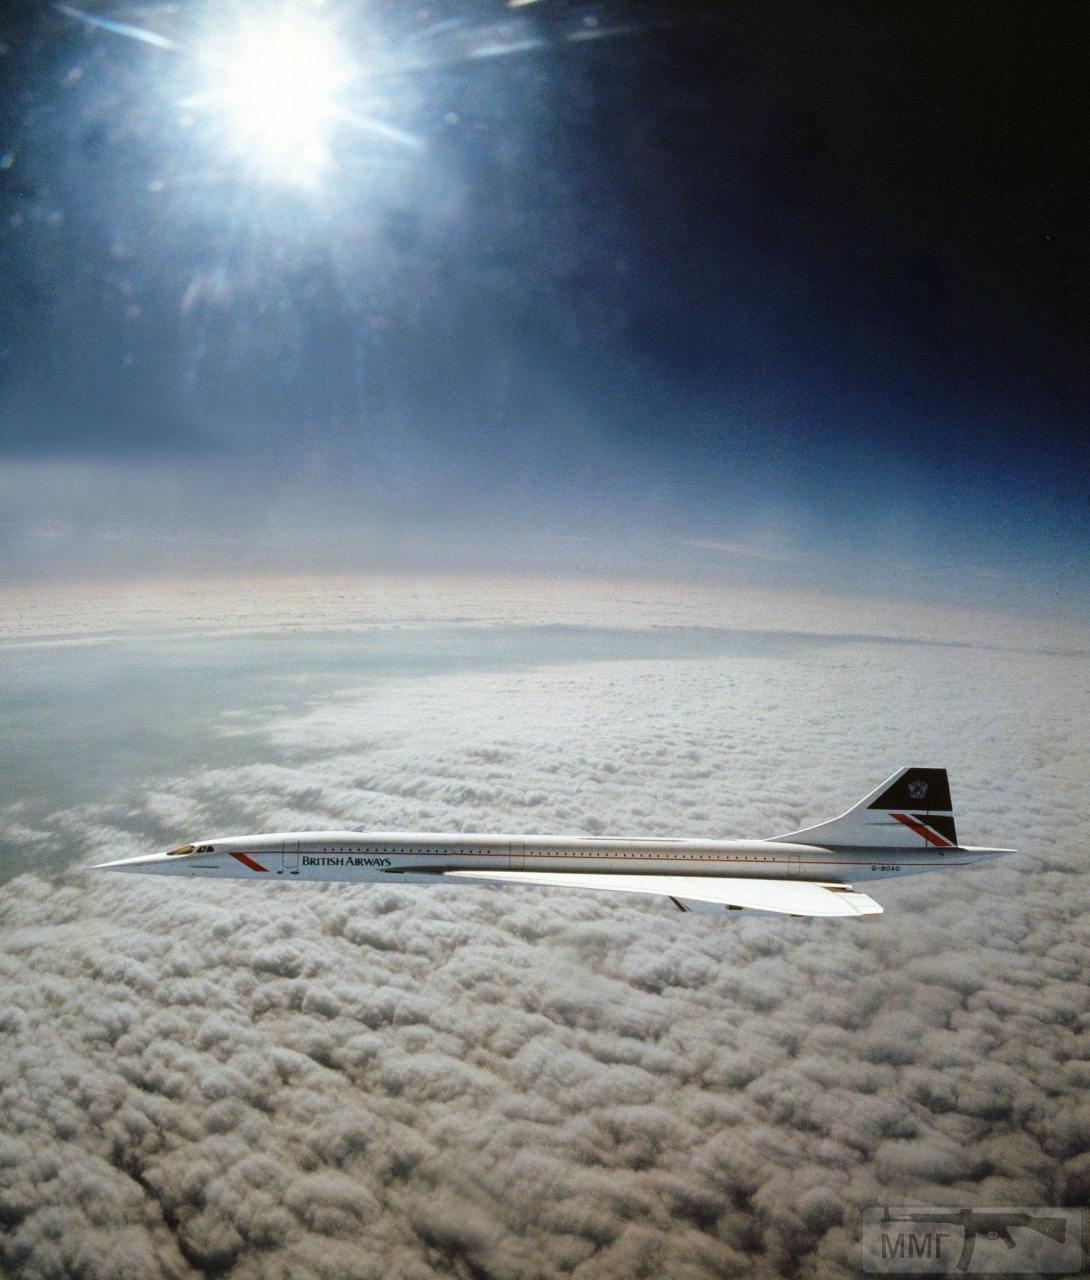 75777 - Фотографии гражданских летательных аппаратов